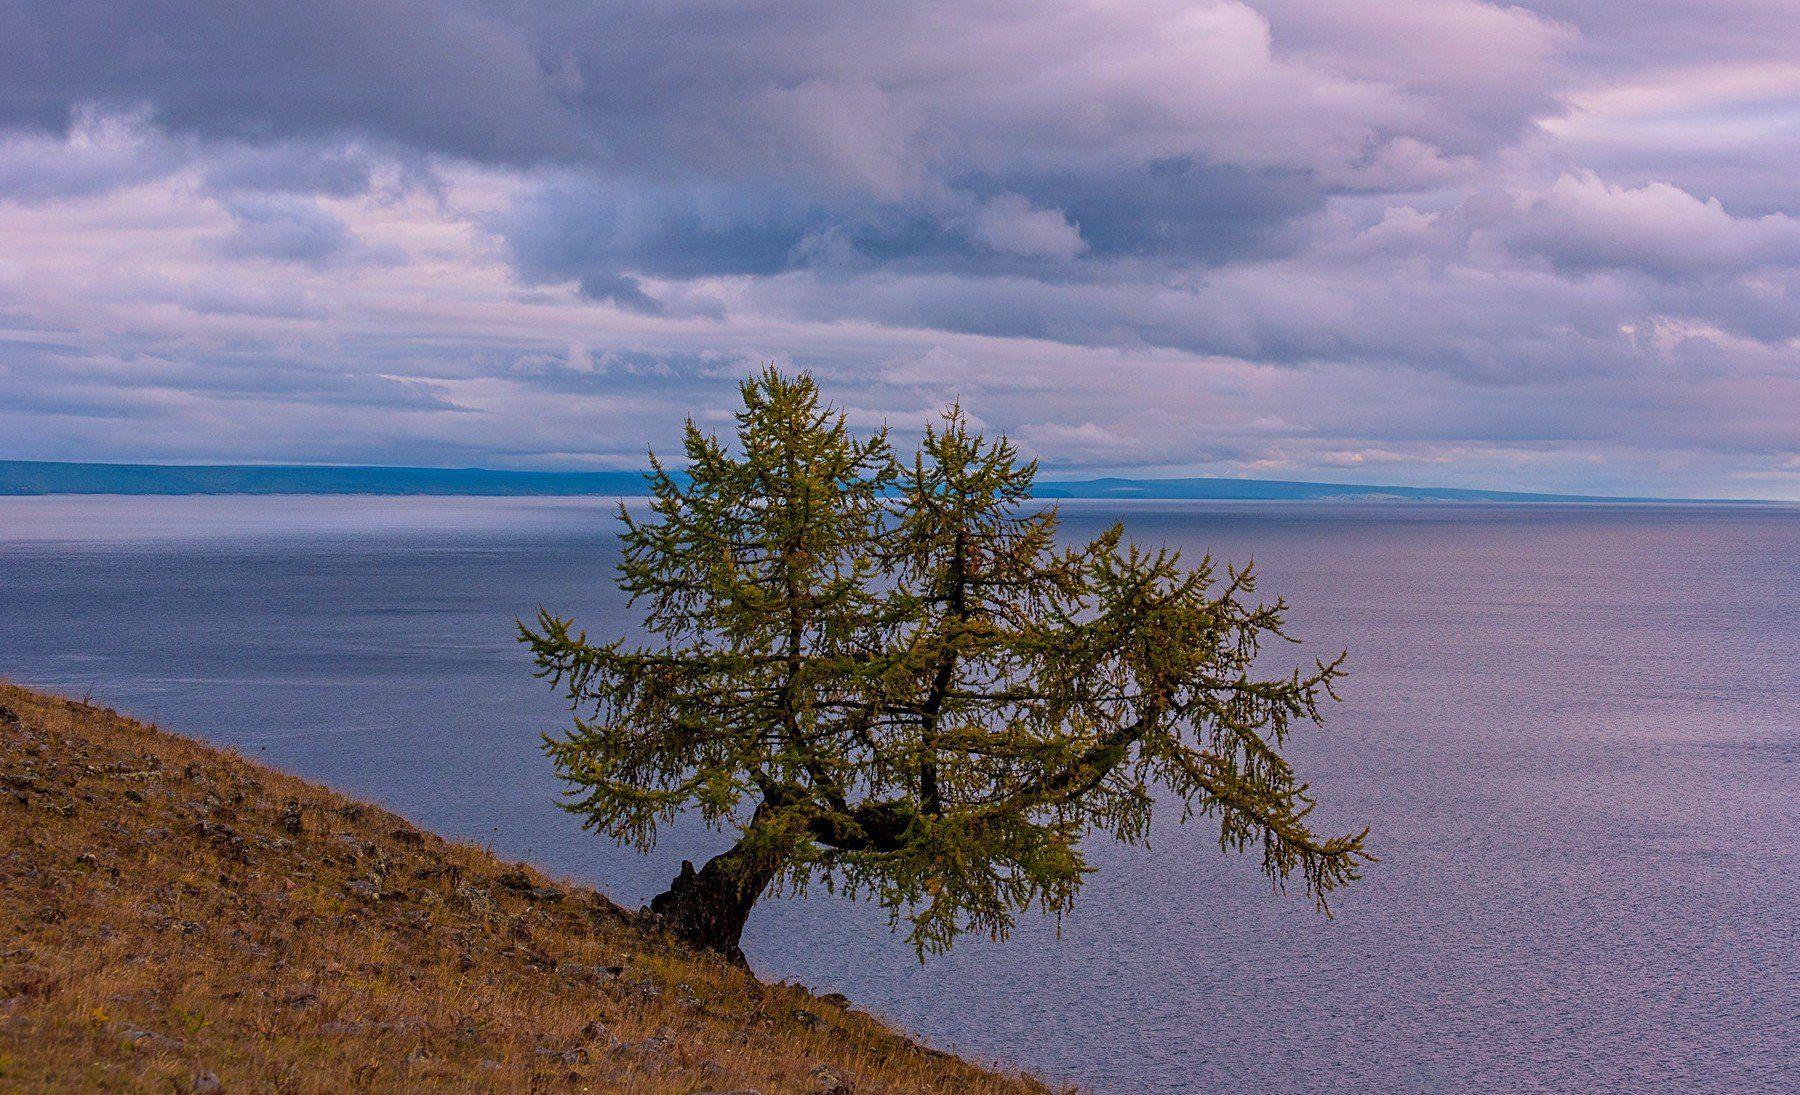 озеро хубсугул монголия вечер закат  осень облака дерево одинокое лиственница, Мальцев Юрий